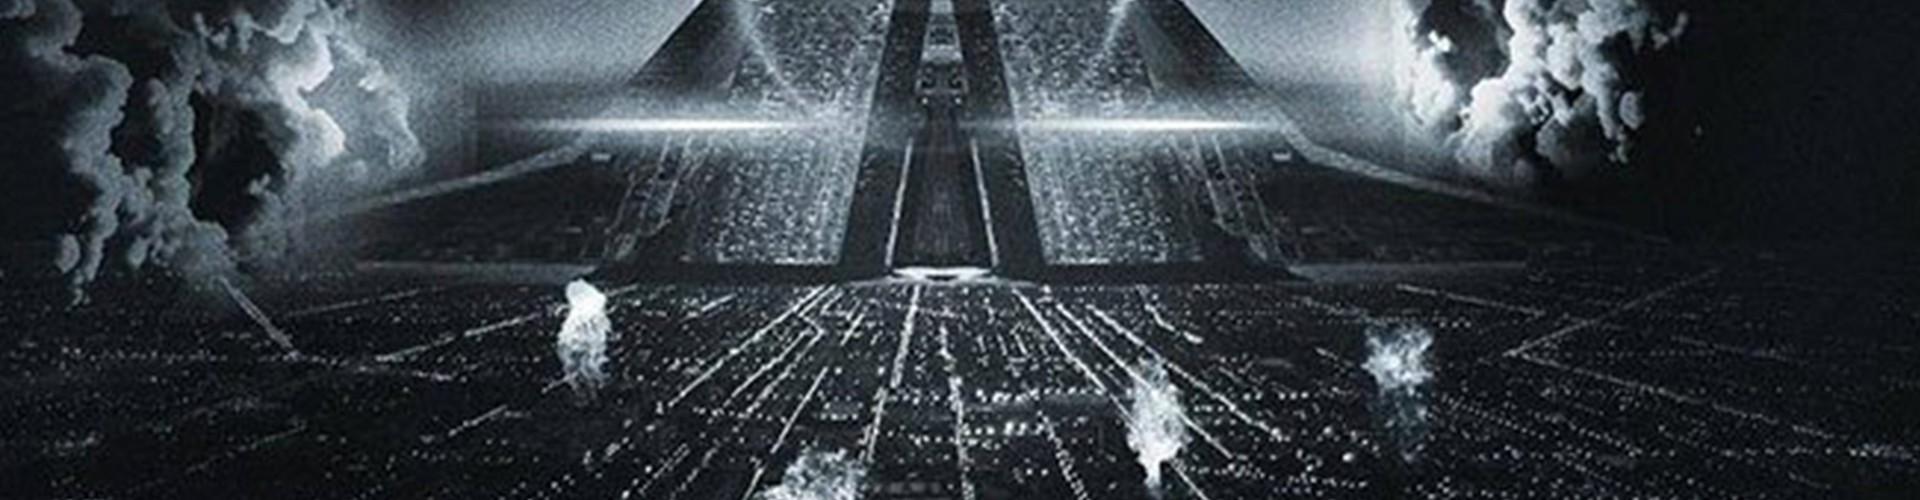 Secret_Cinema_Blade_Runner_Review